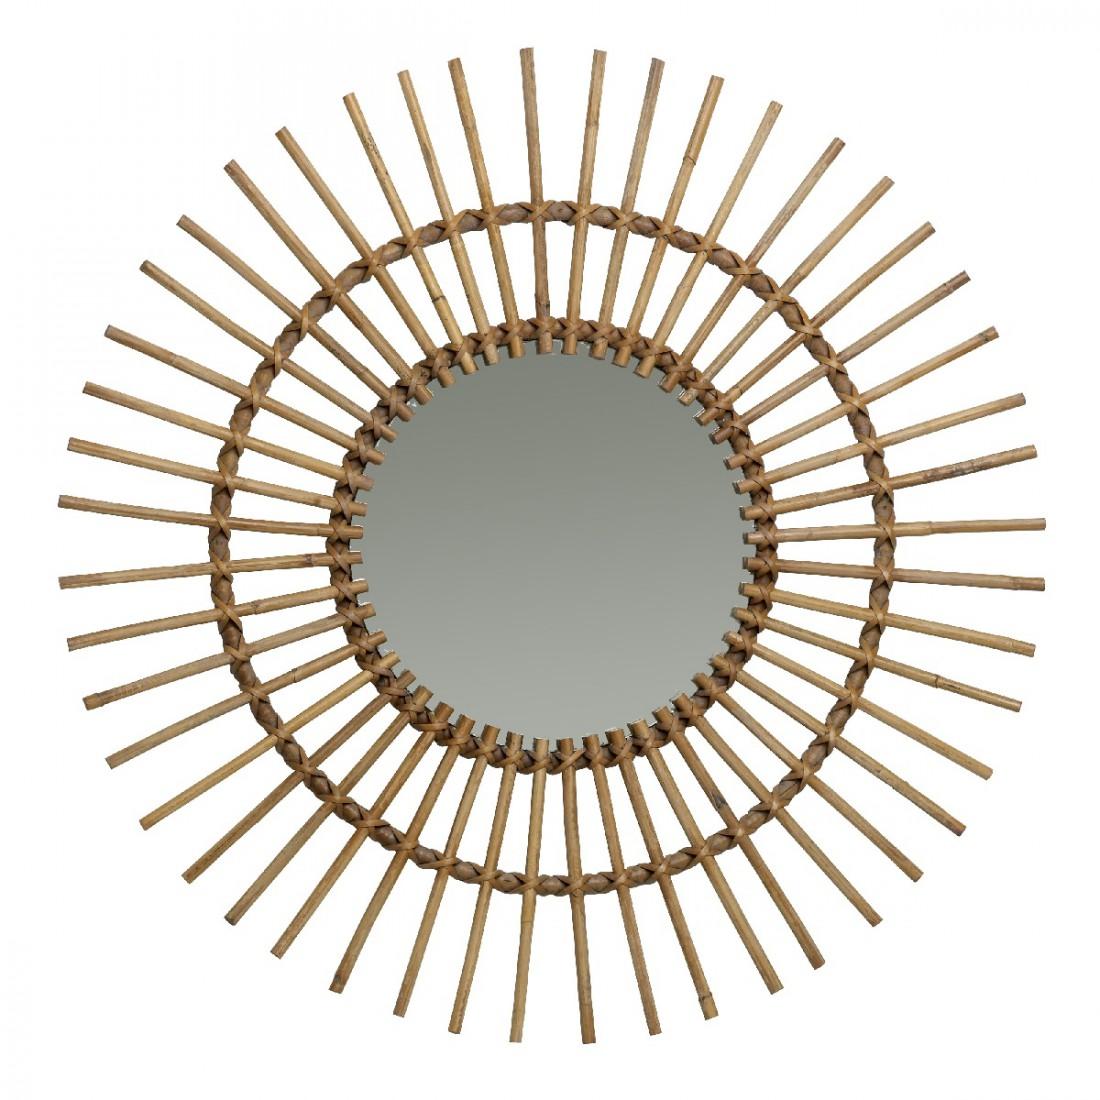 Miroir rotin naturel vintage soleil for Miroir rotin osier